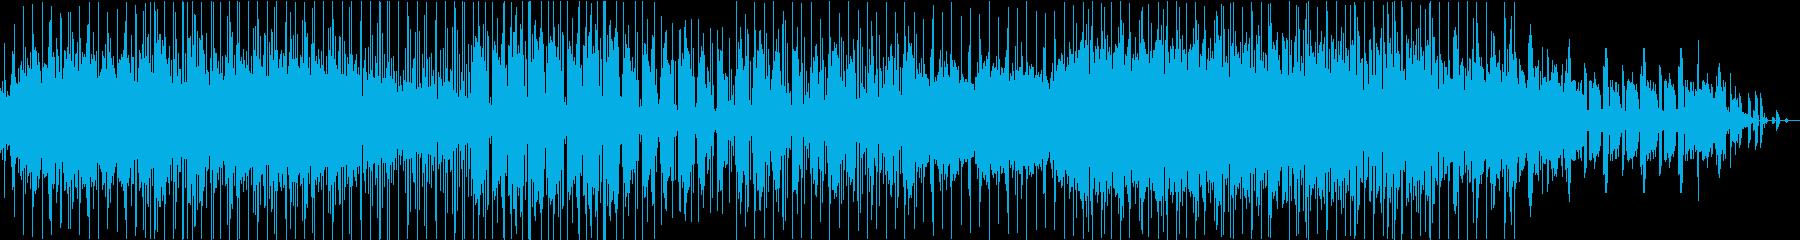 スローファンク、レトロっぽいR&B の再生済みの波形